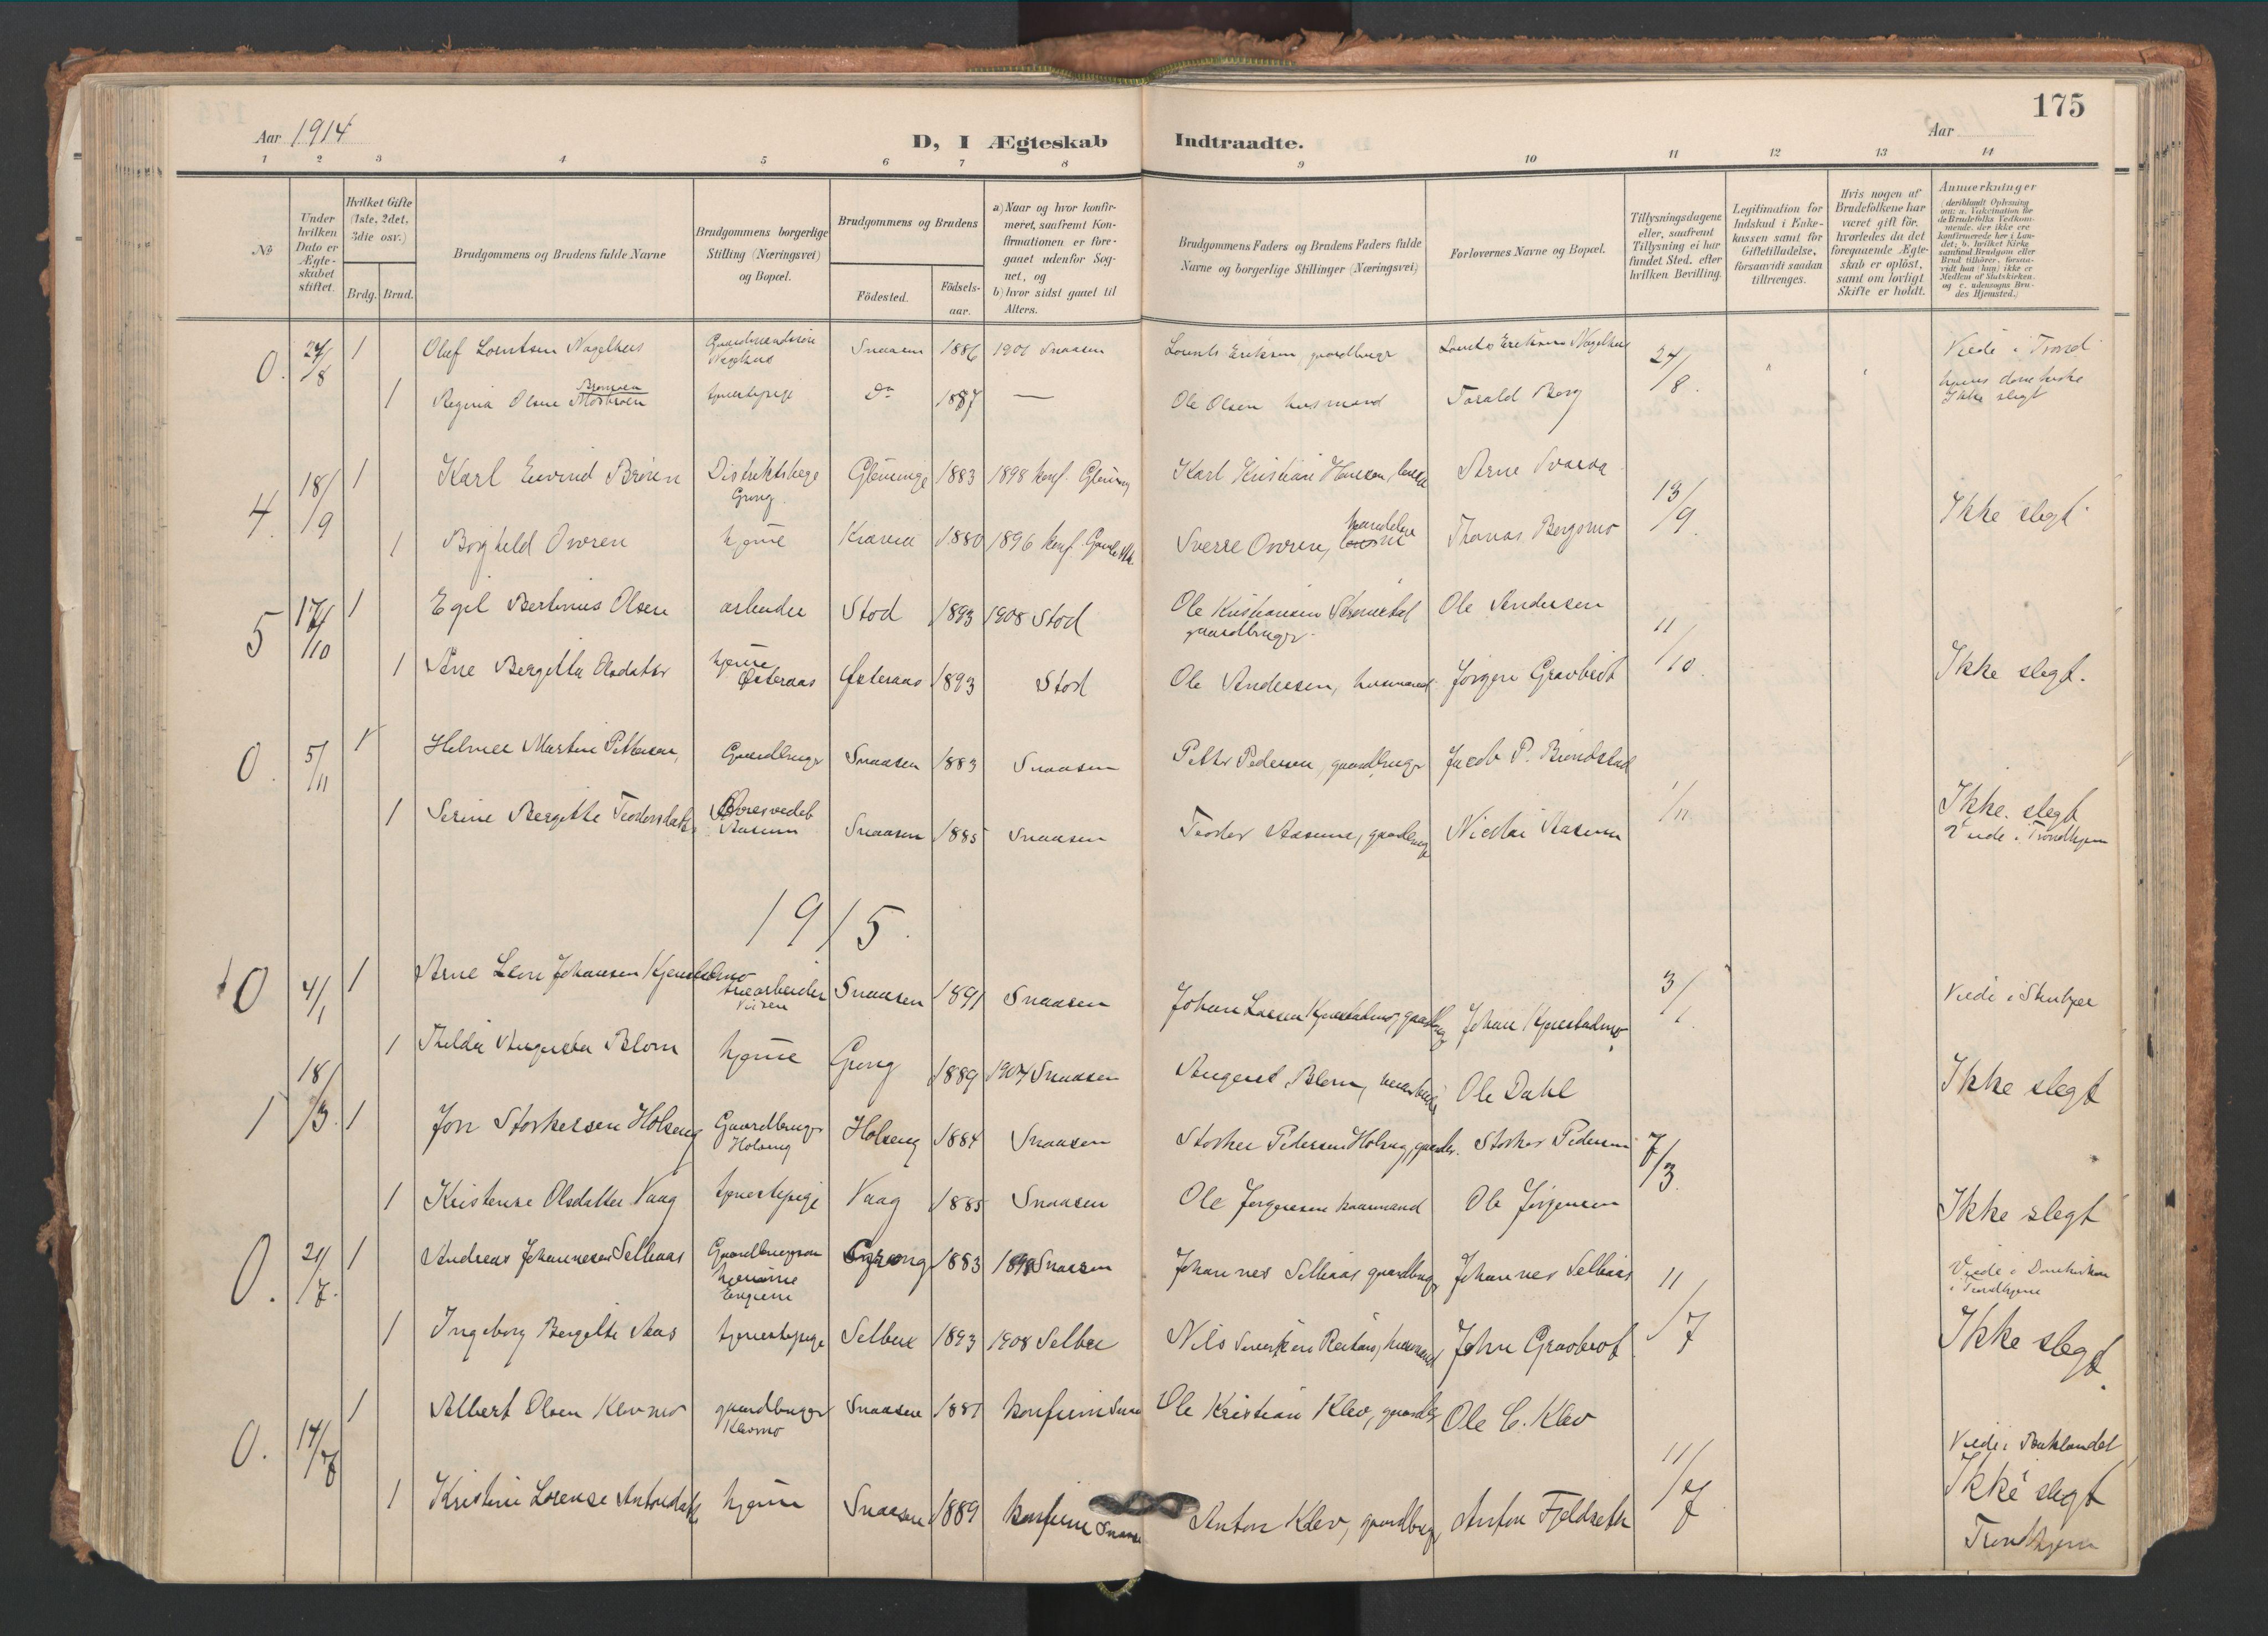 SAT, Ministerialprotokoller, klokkerbøker og fødselsregistre - Nord-Trøndelag, 749/L0477: Ministerialbok nr. 749A11, 1902-1927, s. 175